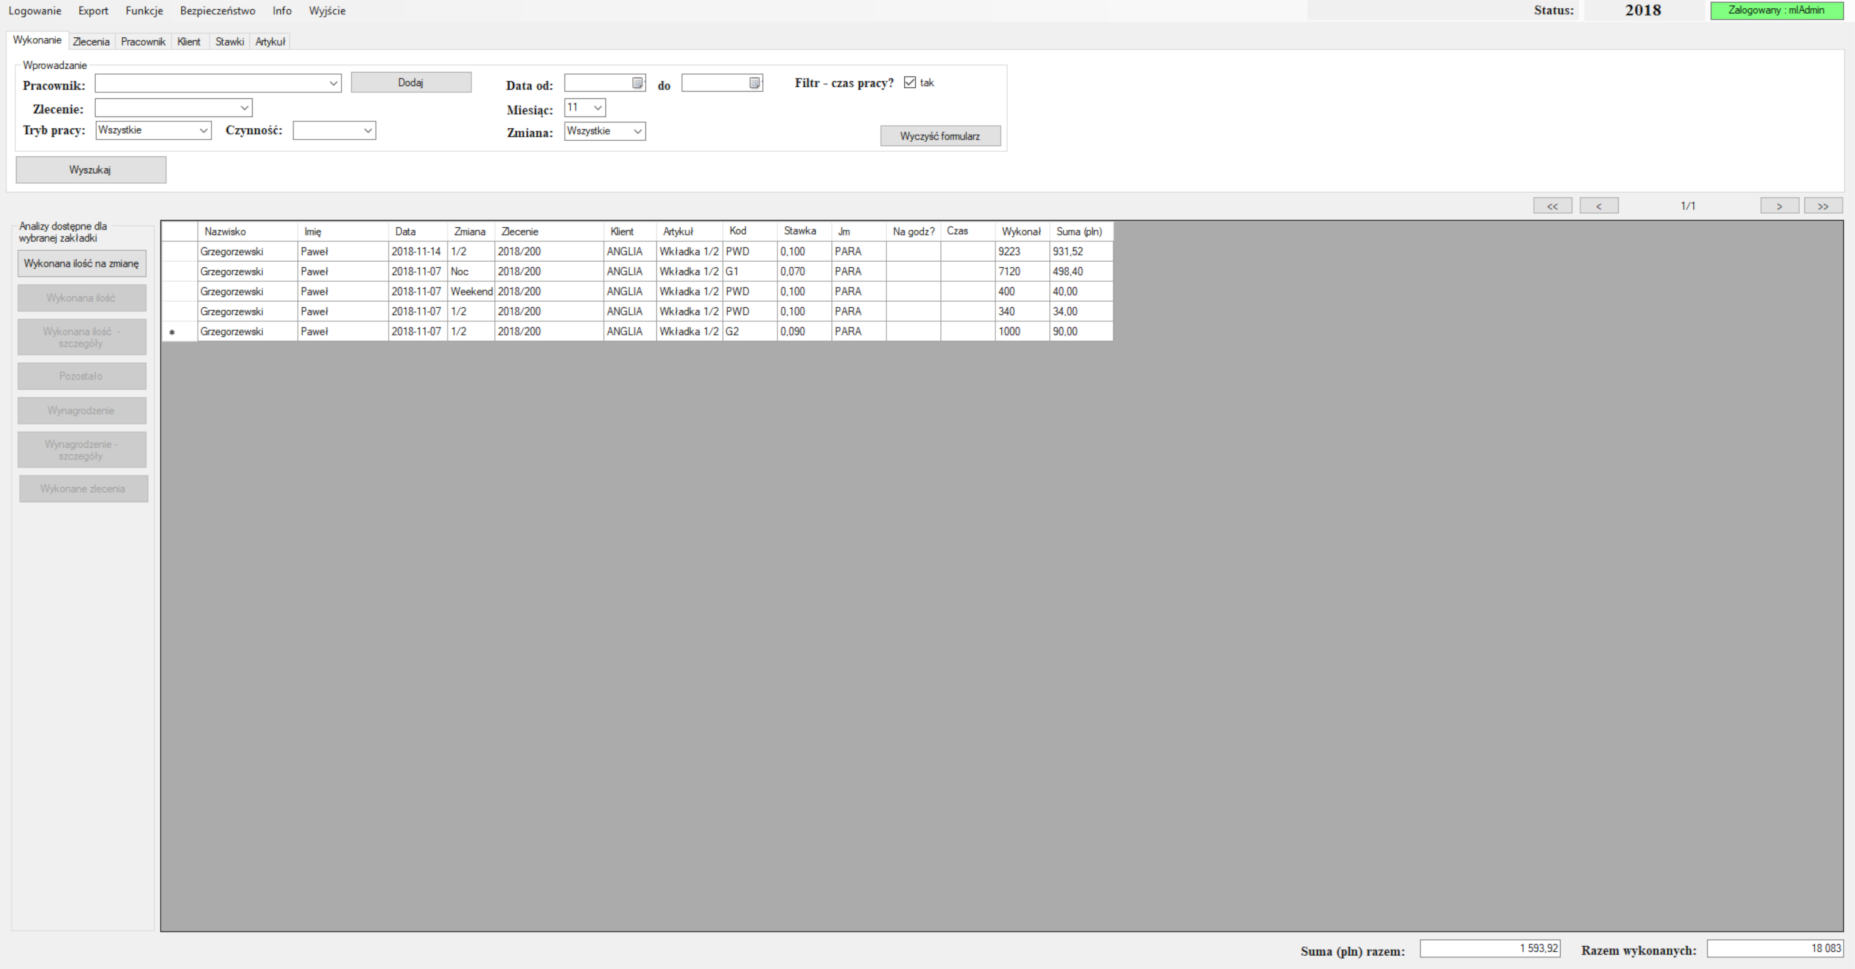 Aplikacja desktop obsługująca ewidencję i raportowanie prac na dziale akordowym.